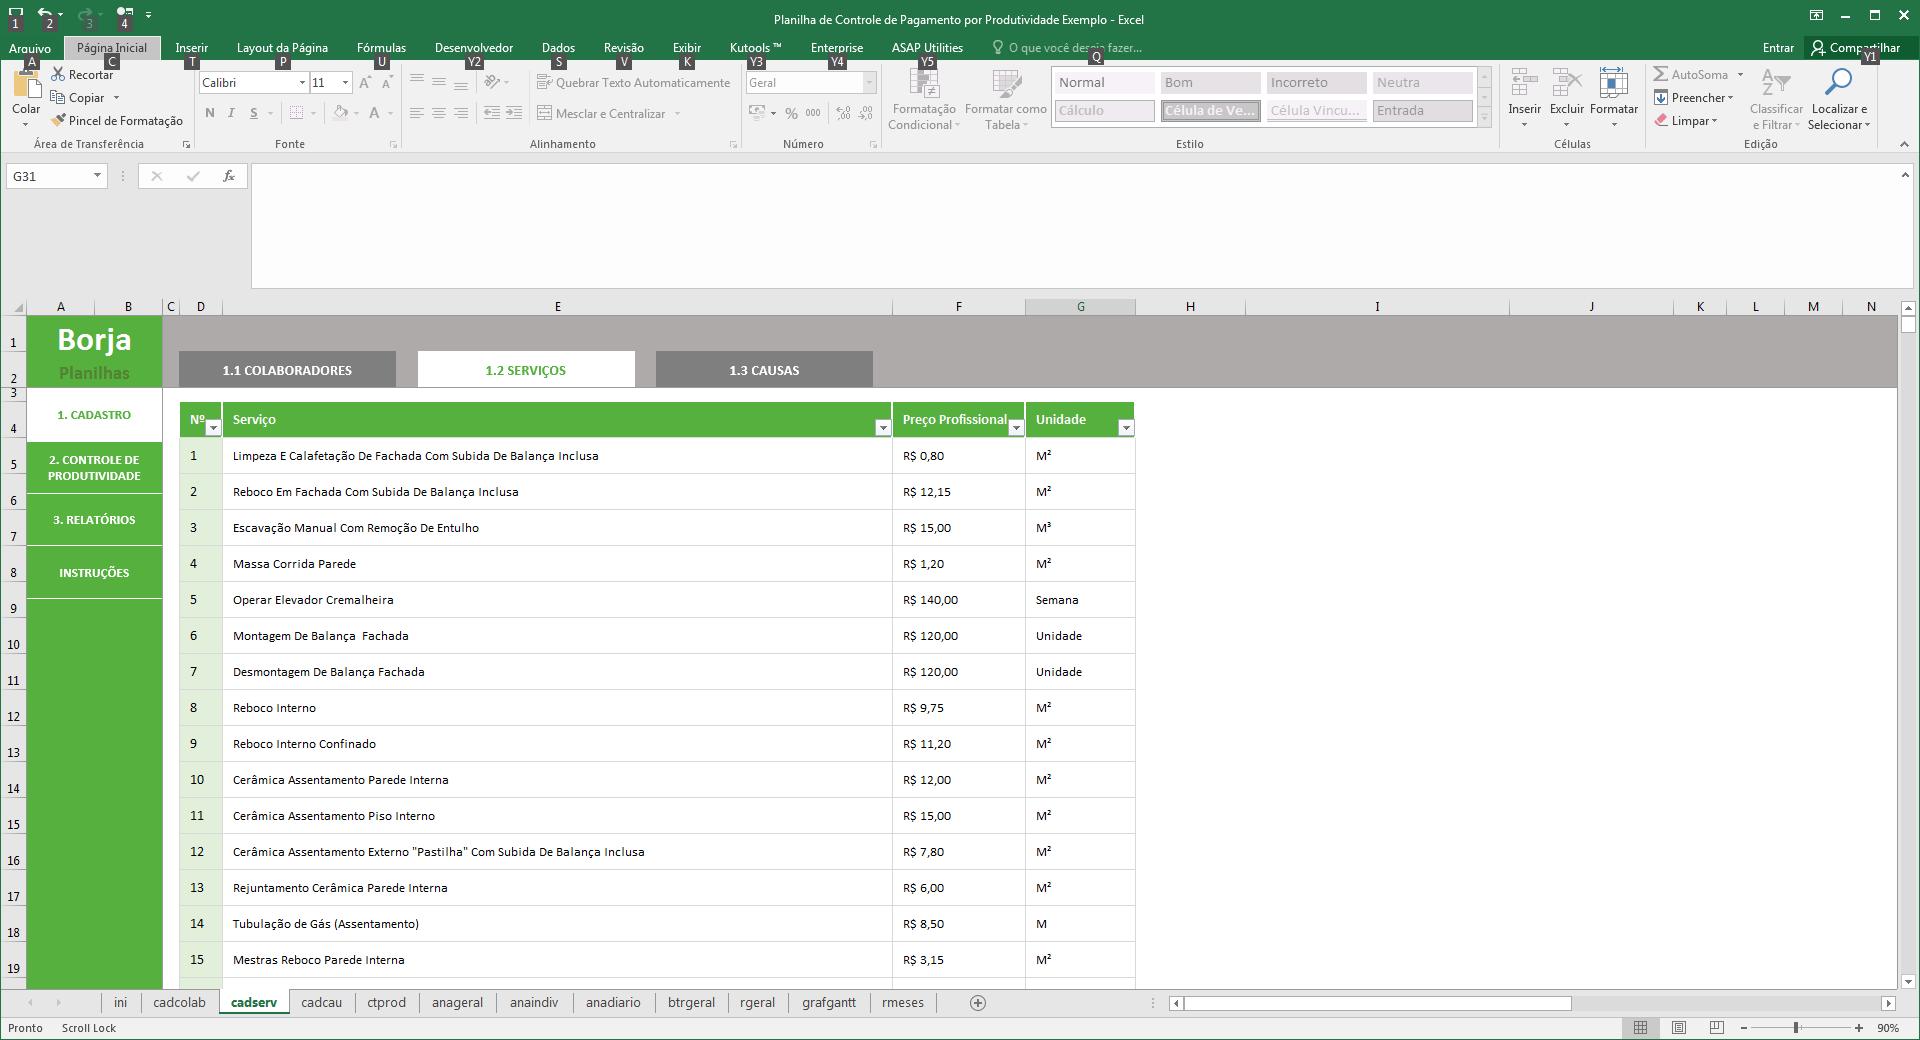 Planilha de Controle de Pagamentos por Produtividade - Cadastro dos serviços